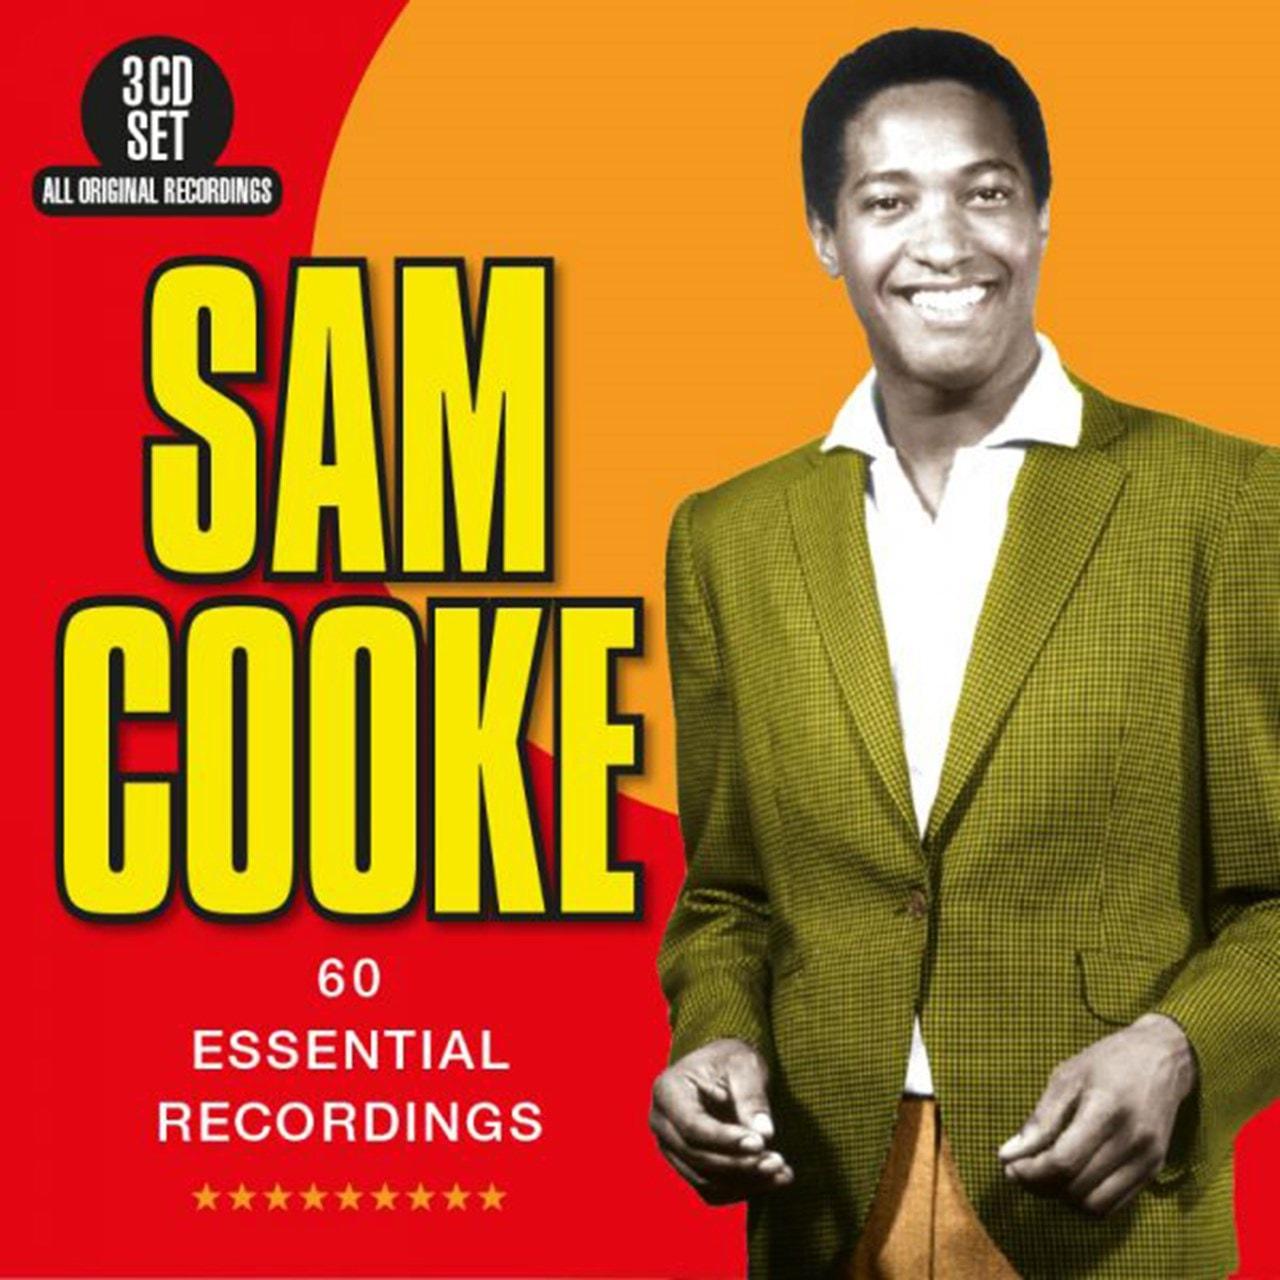 60 Essential Recordings - 1